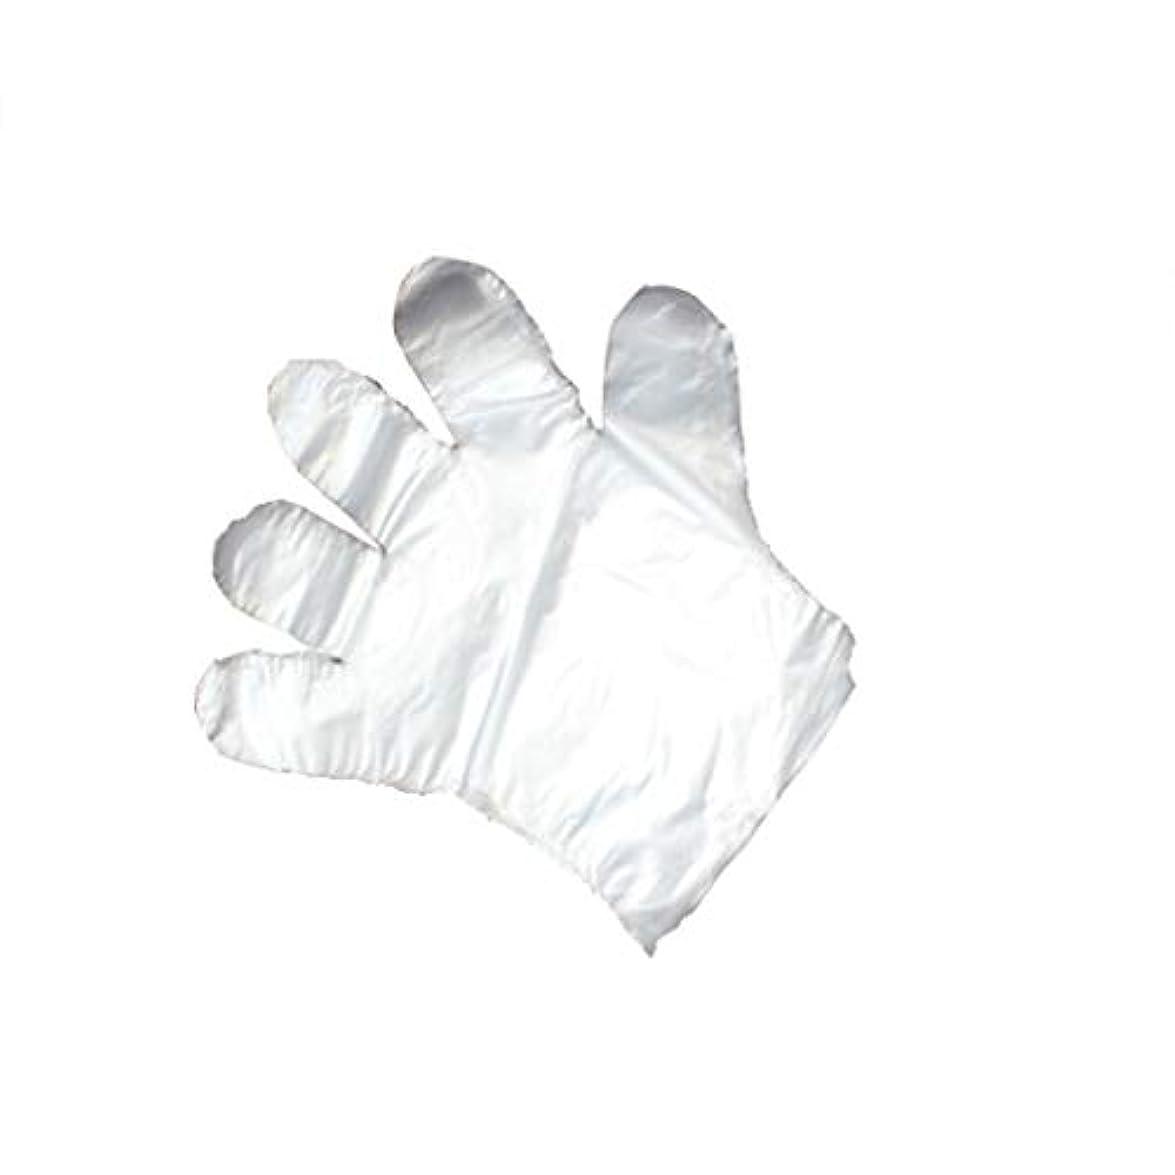 慈悲深いピッチャー輝く手袋、使い捨て手袋、透明な肥厚、美しさ、家庭掃除、手袋、白、透明、5パック、500袋。 (UnitCount : 1000)